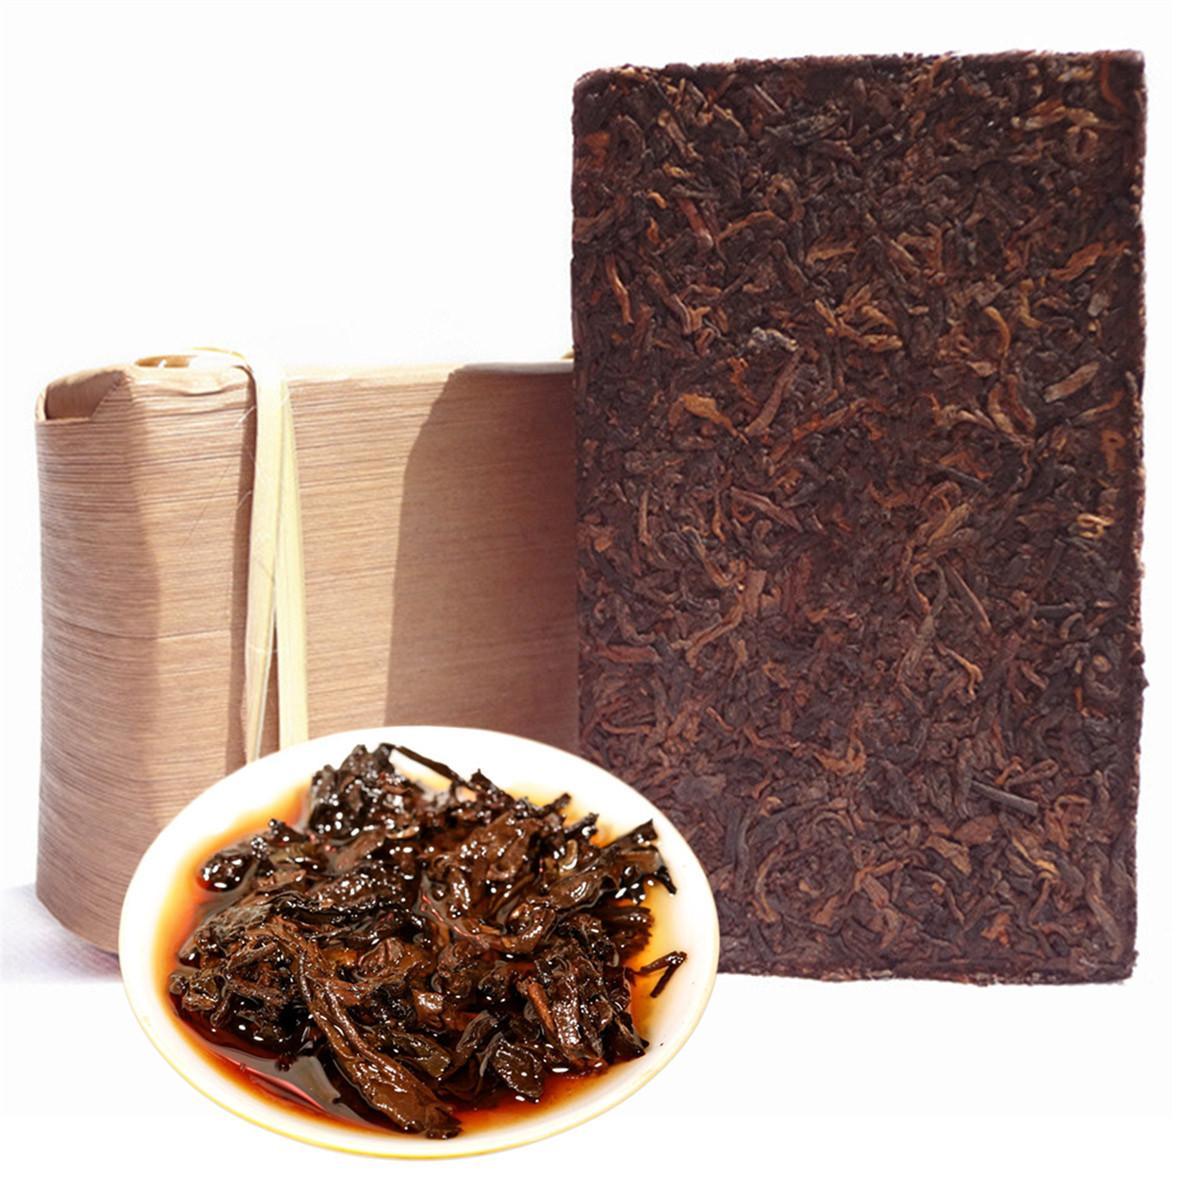 250 г спелый Пуэр чай кирпич Юньнань приготовленный Пуэр чай бамбуковая оболочка упаковка органический натуральный черный пуэр чай Зеленый продвижение продуктов питания